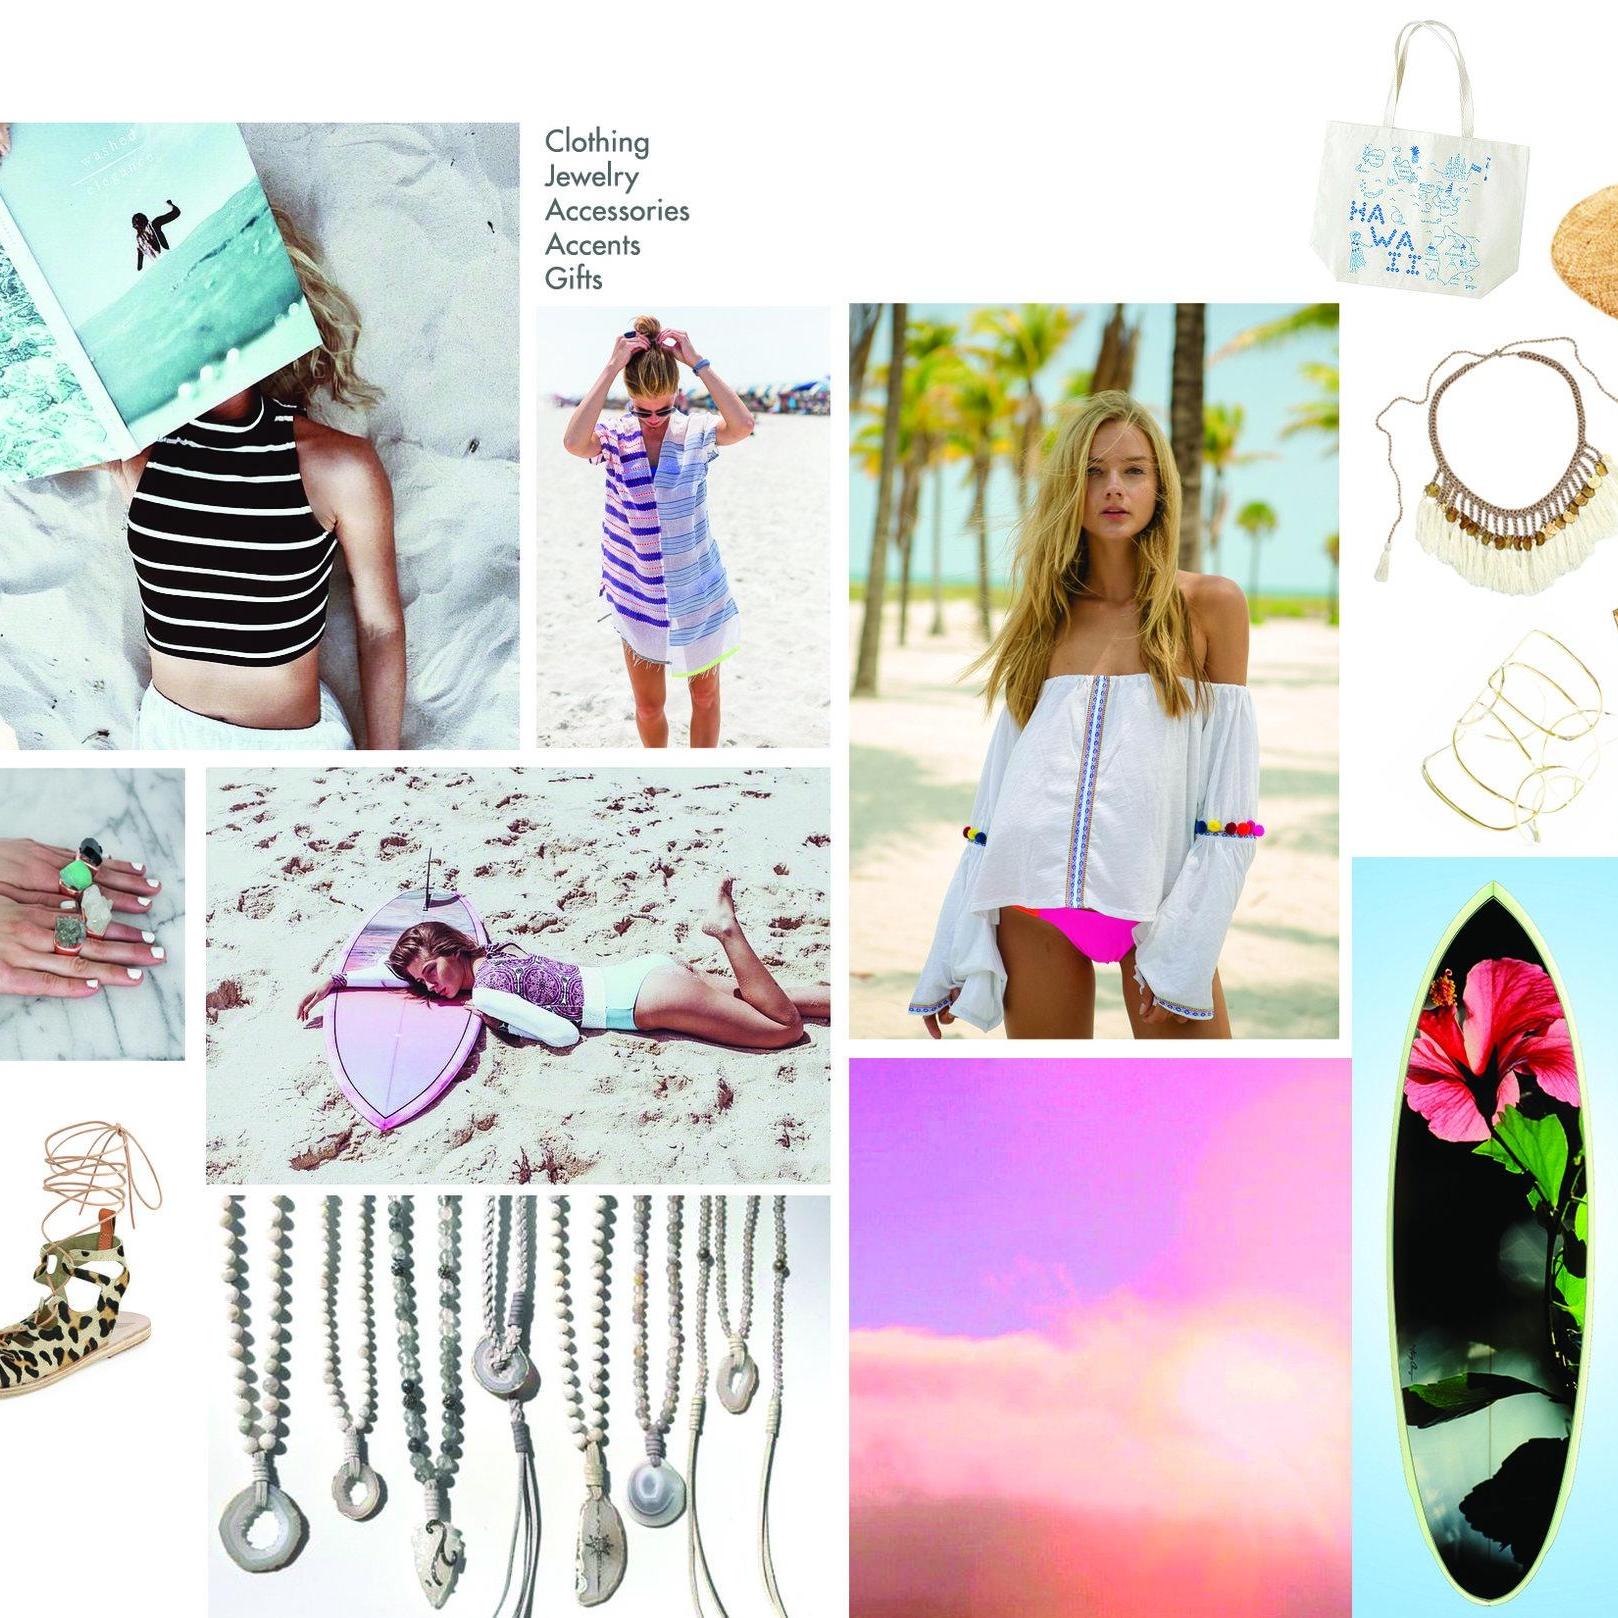 Hawaii Beach Resort - Merchandiser